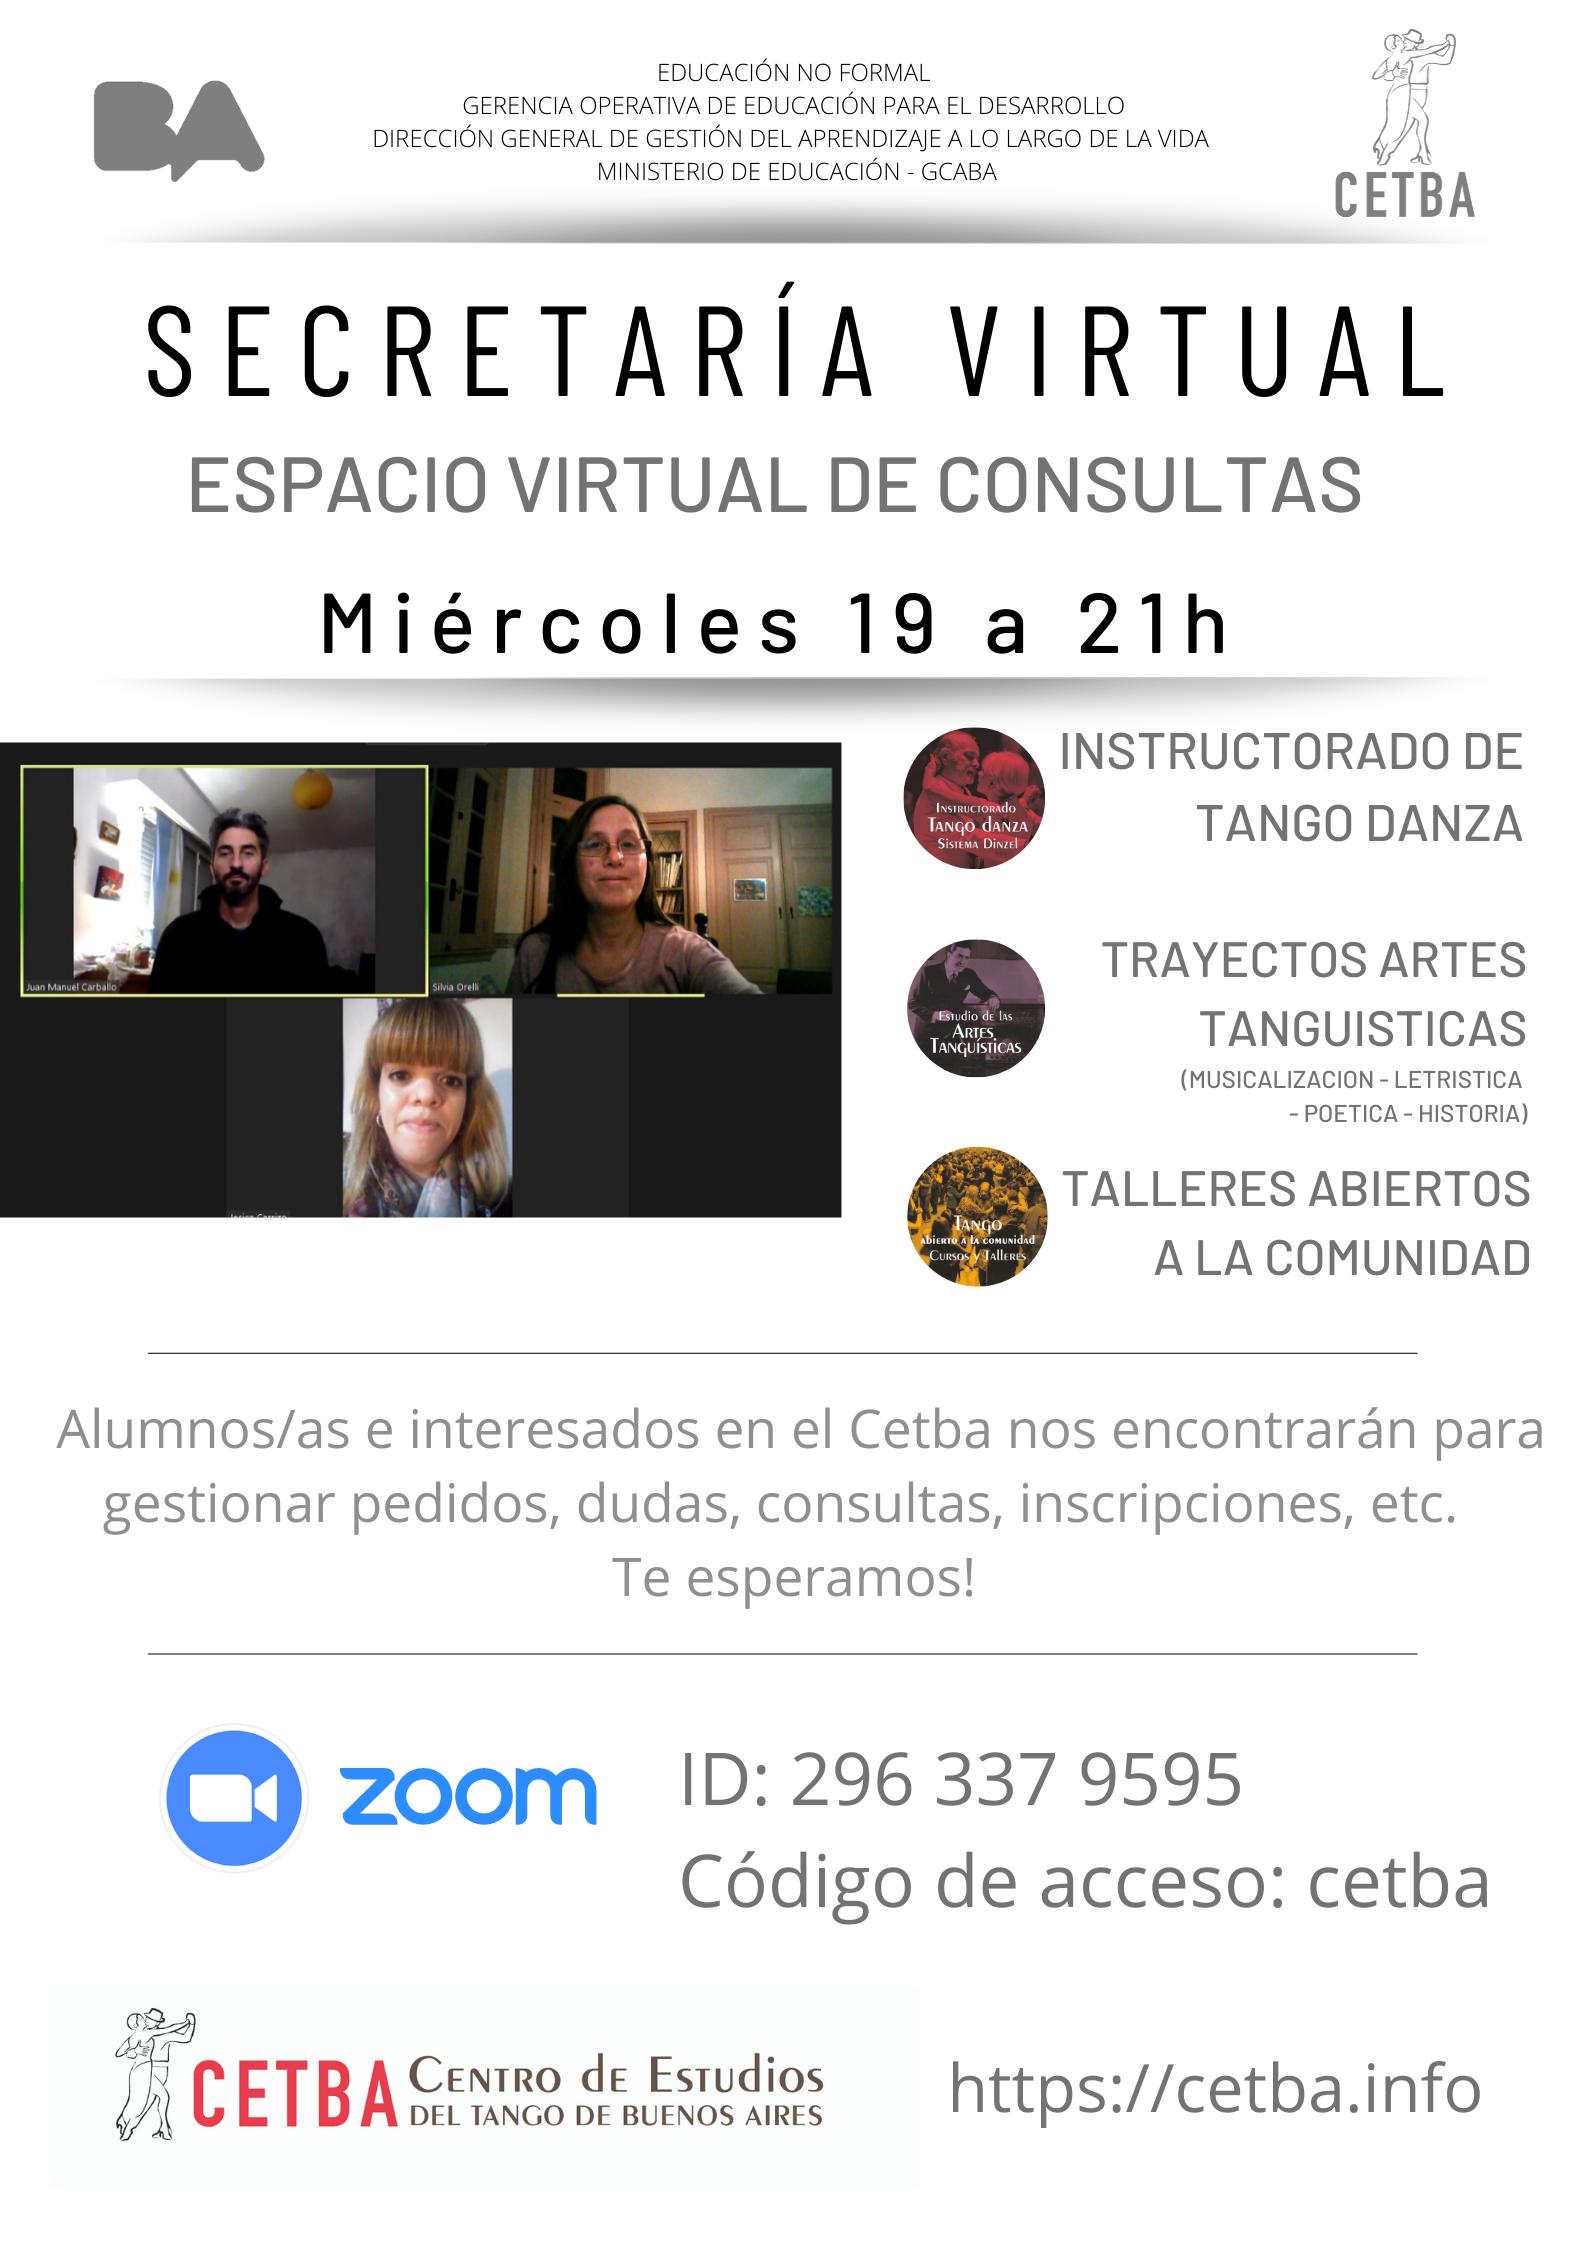 Secretaría virtual Cetba